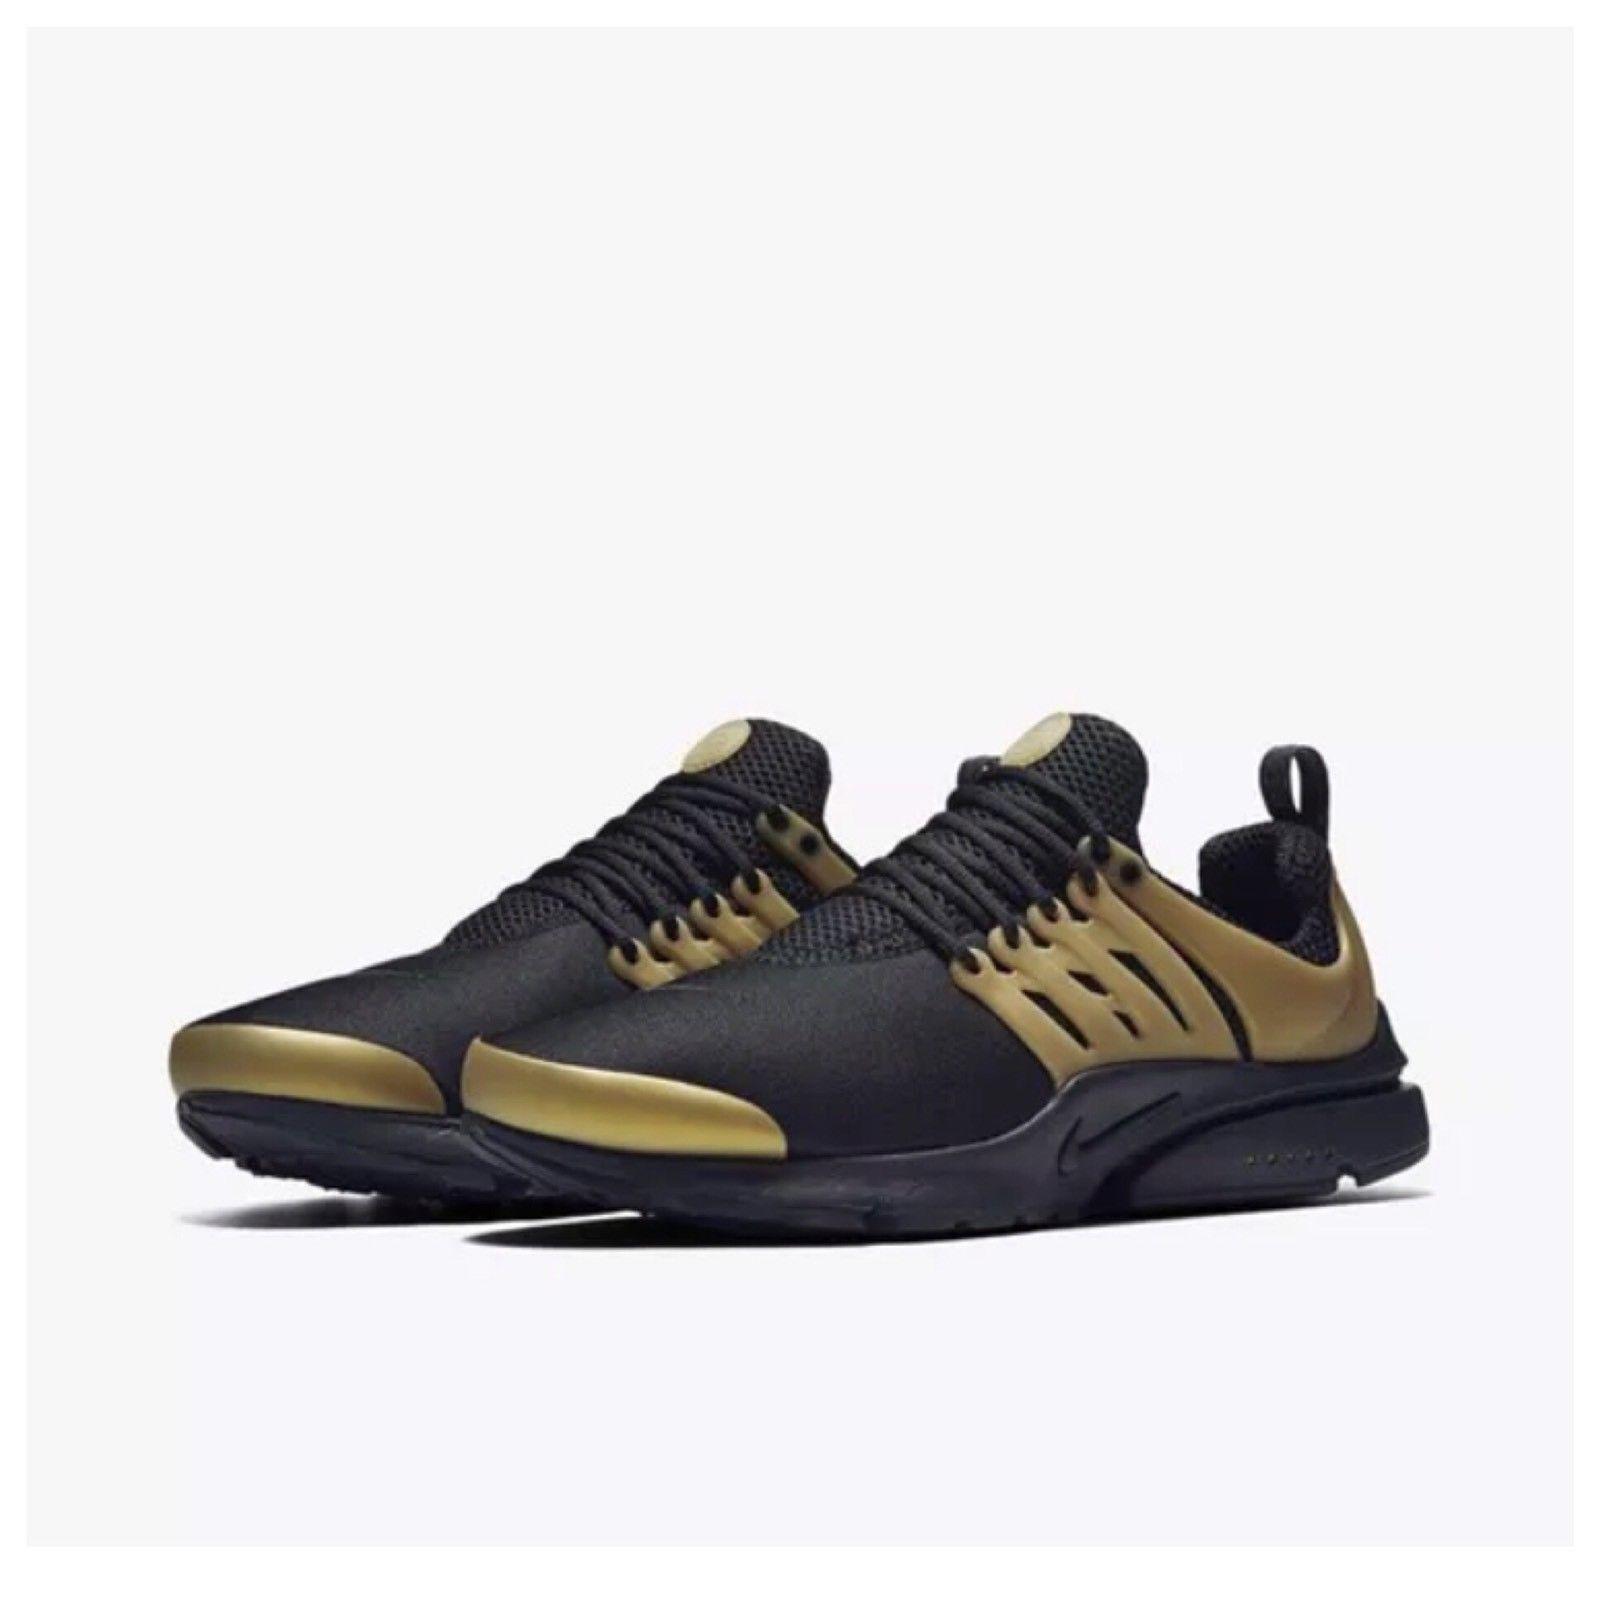 Nuove nike air presto indispensabile scarpe da uomo nero / oro metallico 848187 007